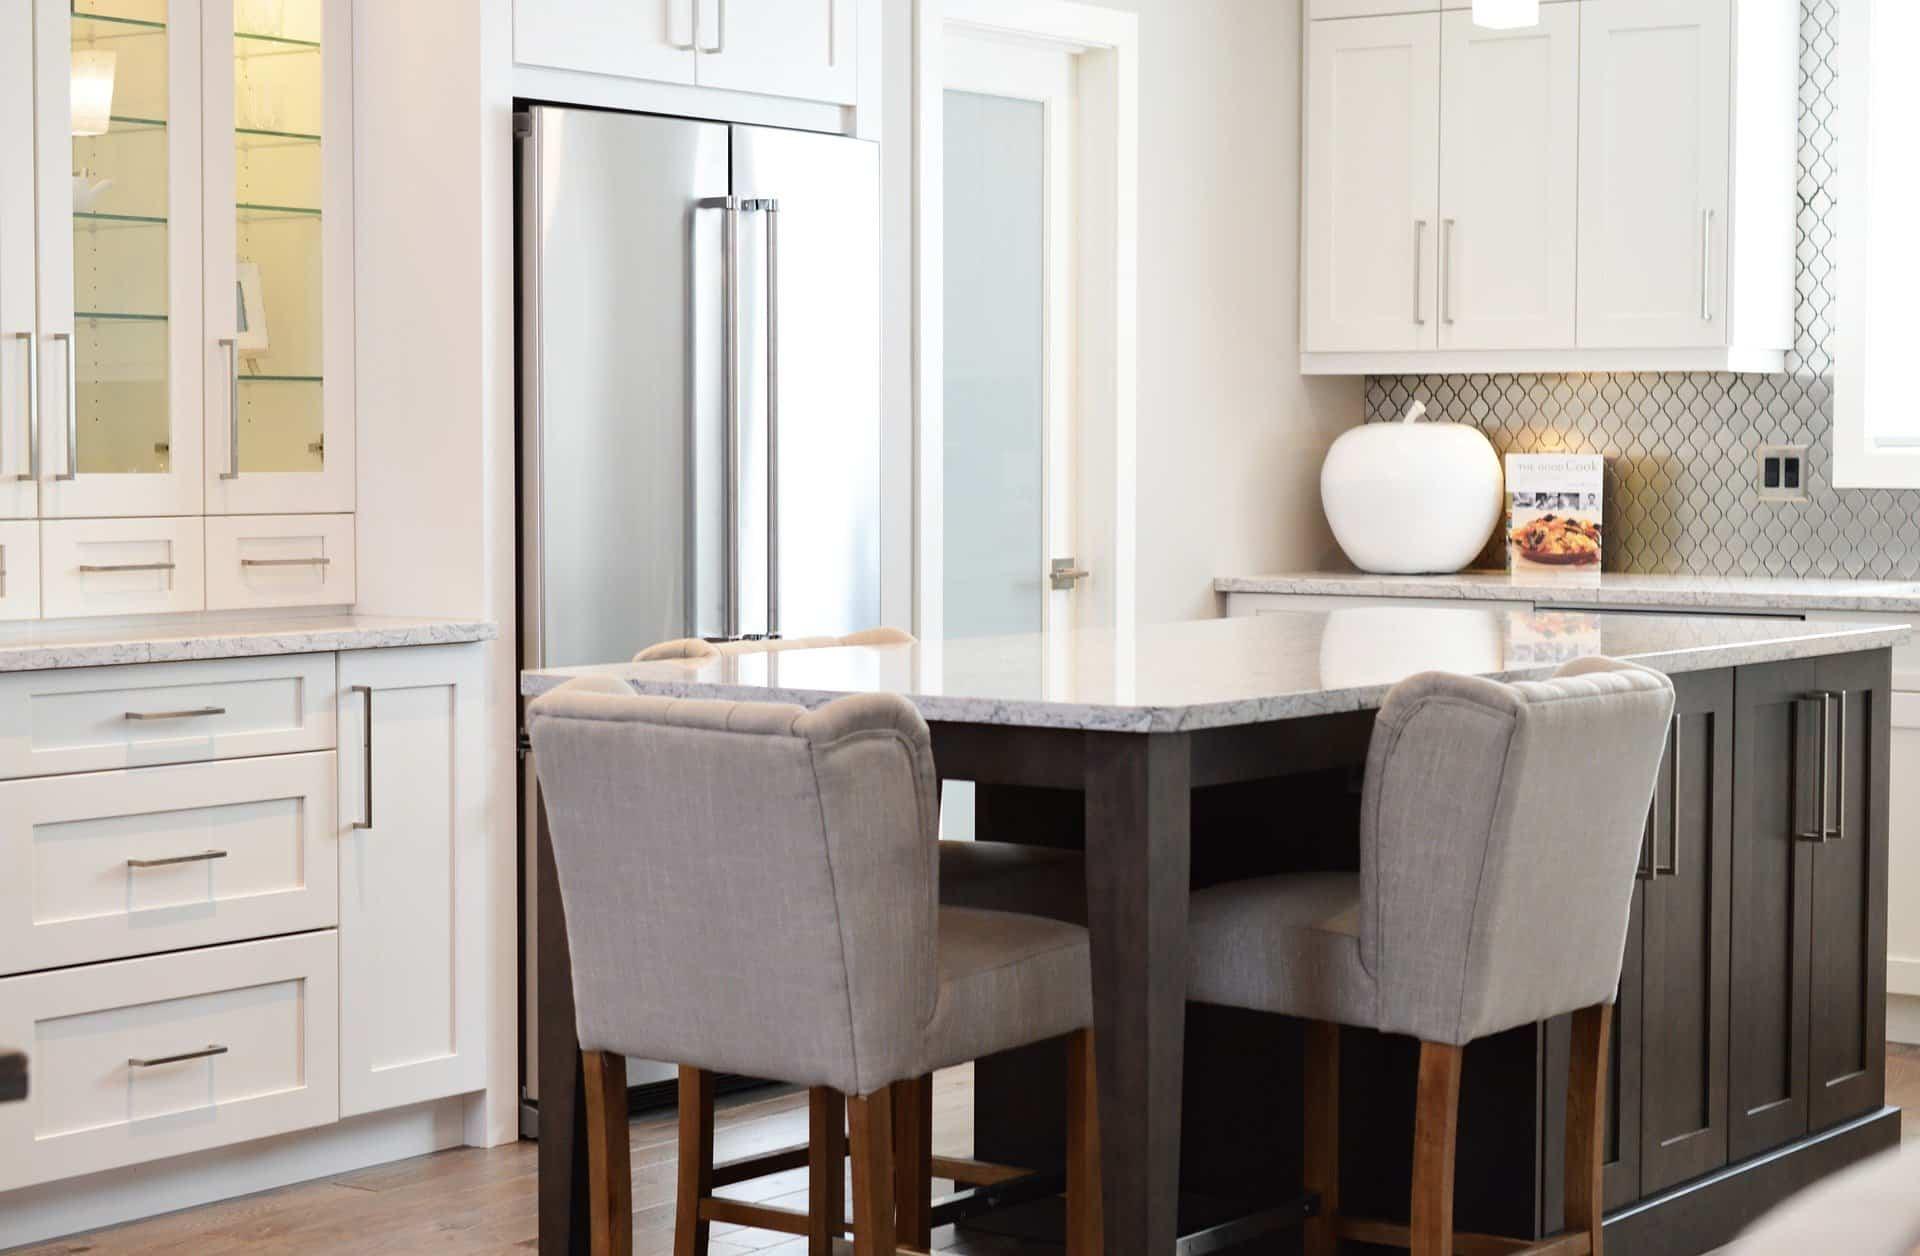 5 trucos para decorar tu cocina sin gastarte casi nada